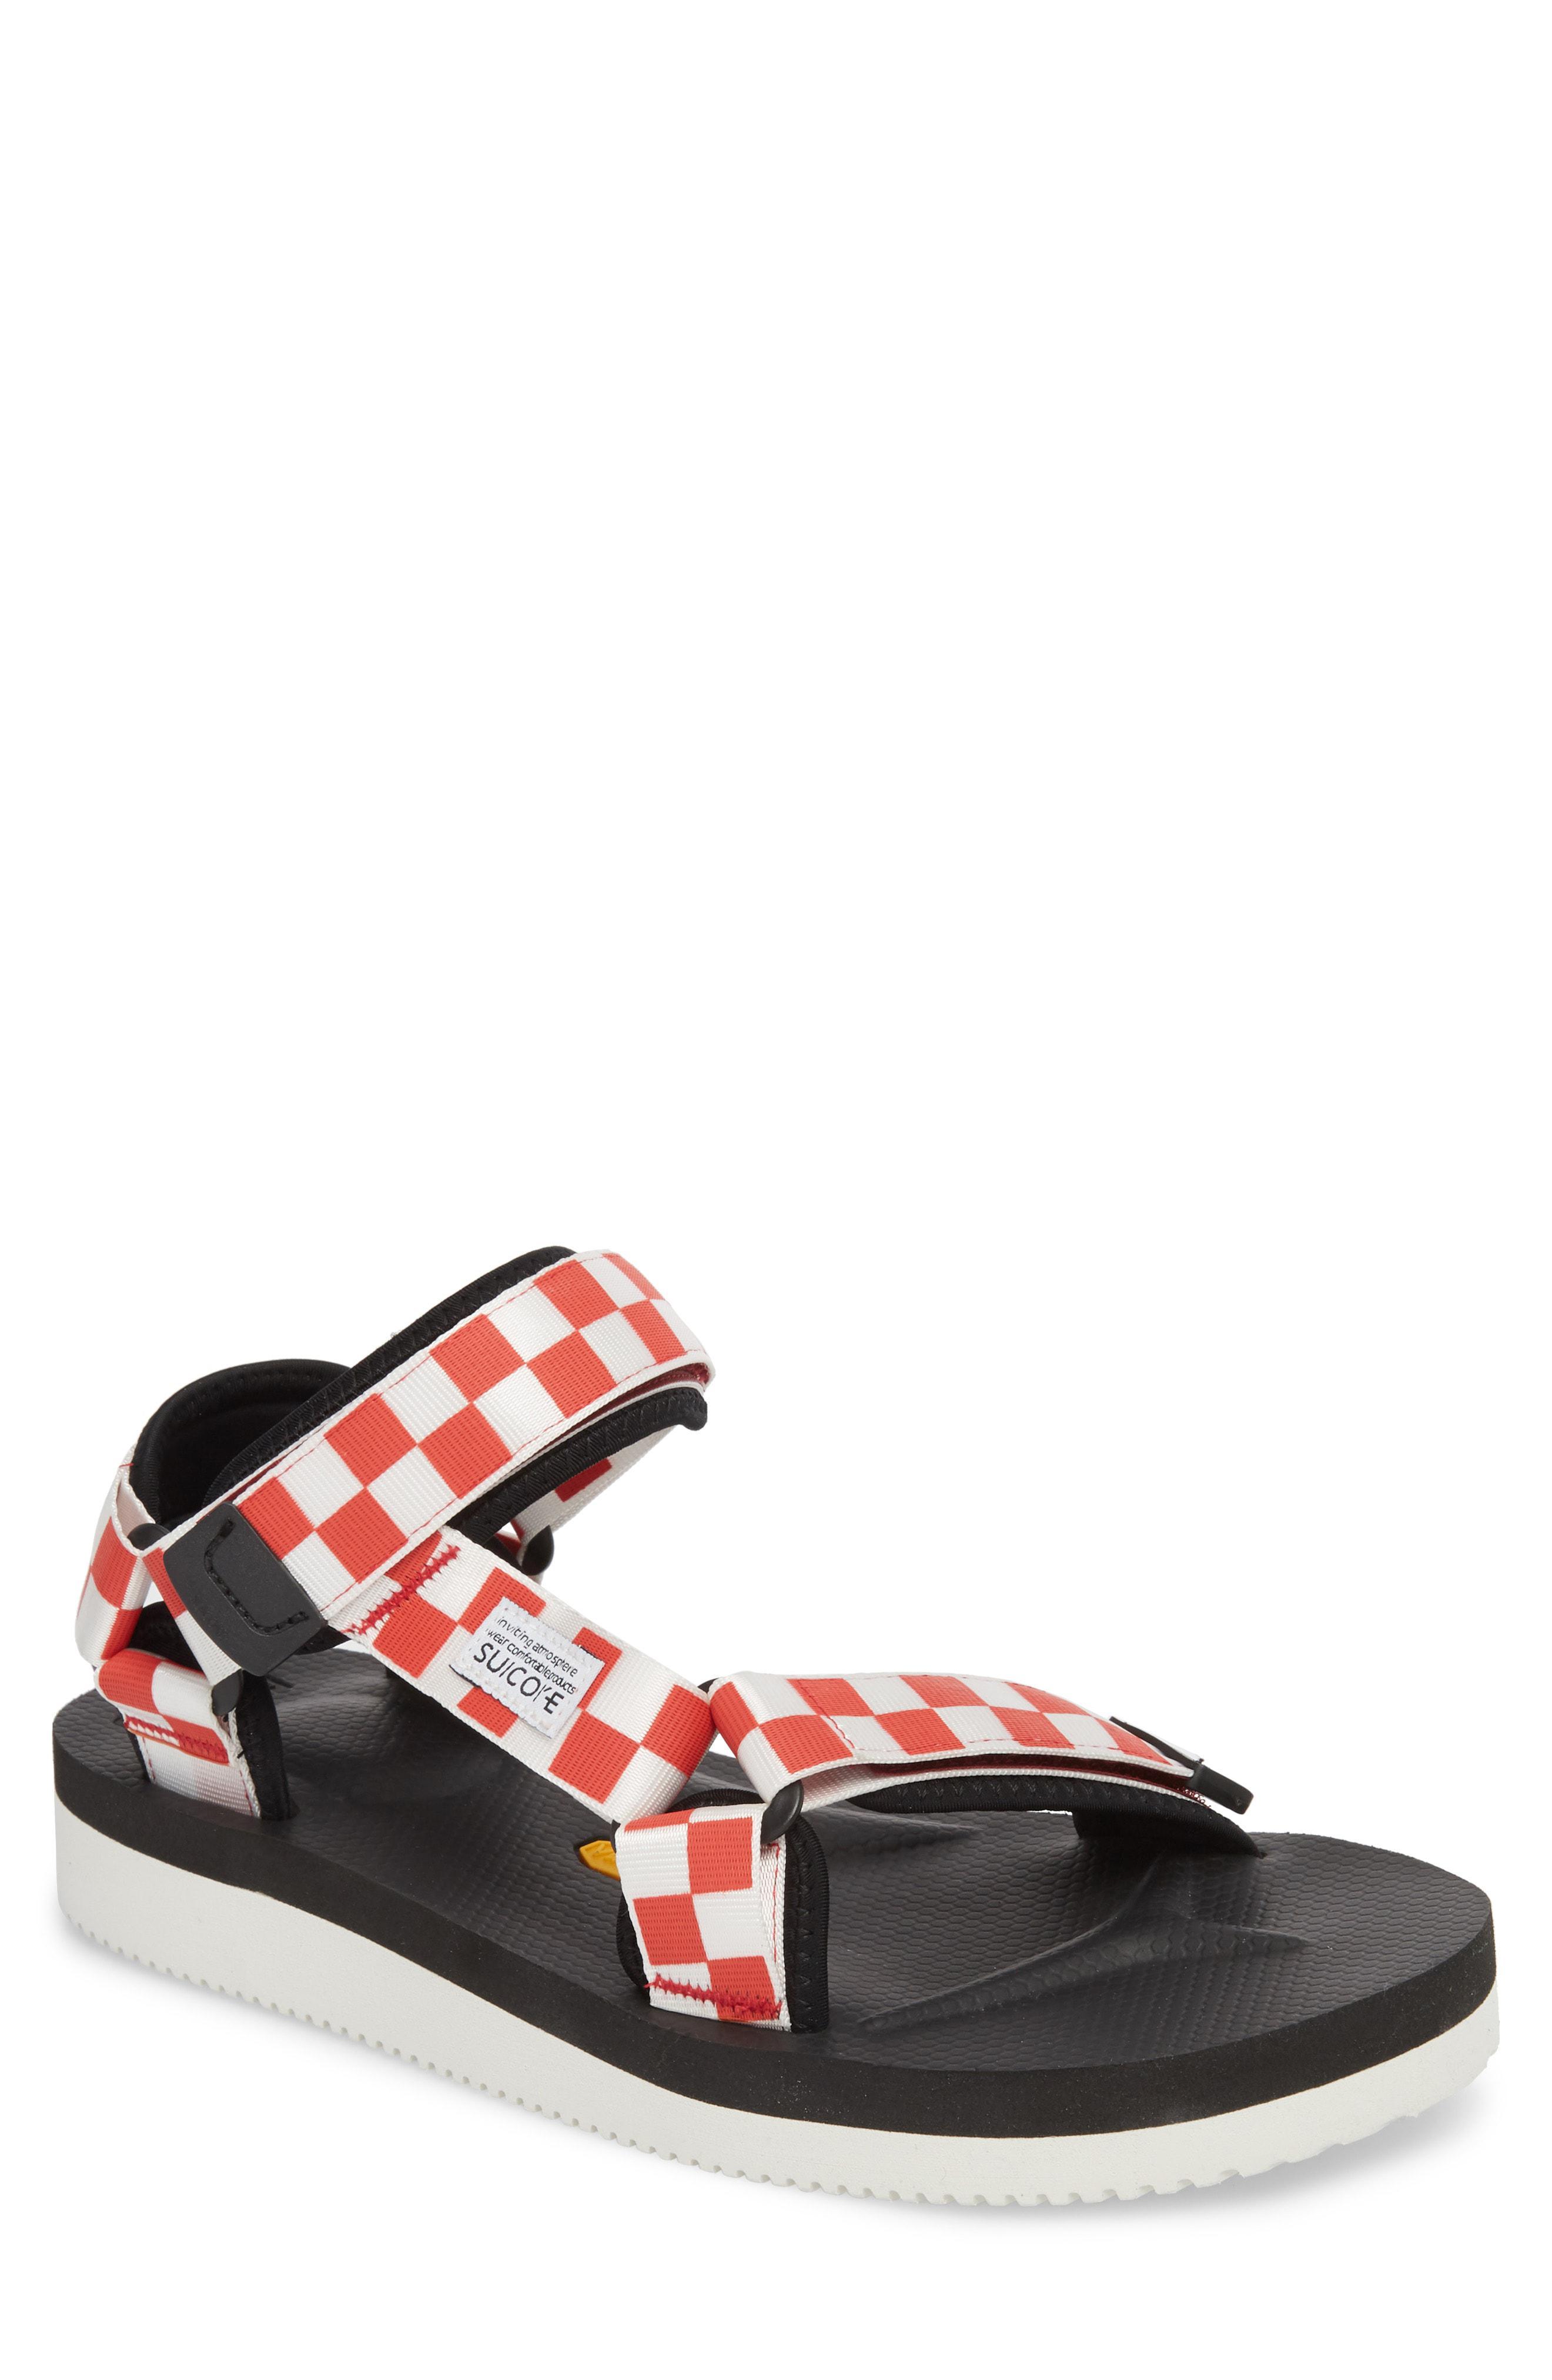 4f41695bb02a Lyst - Suicoke Depa Sport Sandal in Red for Men